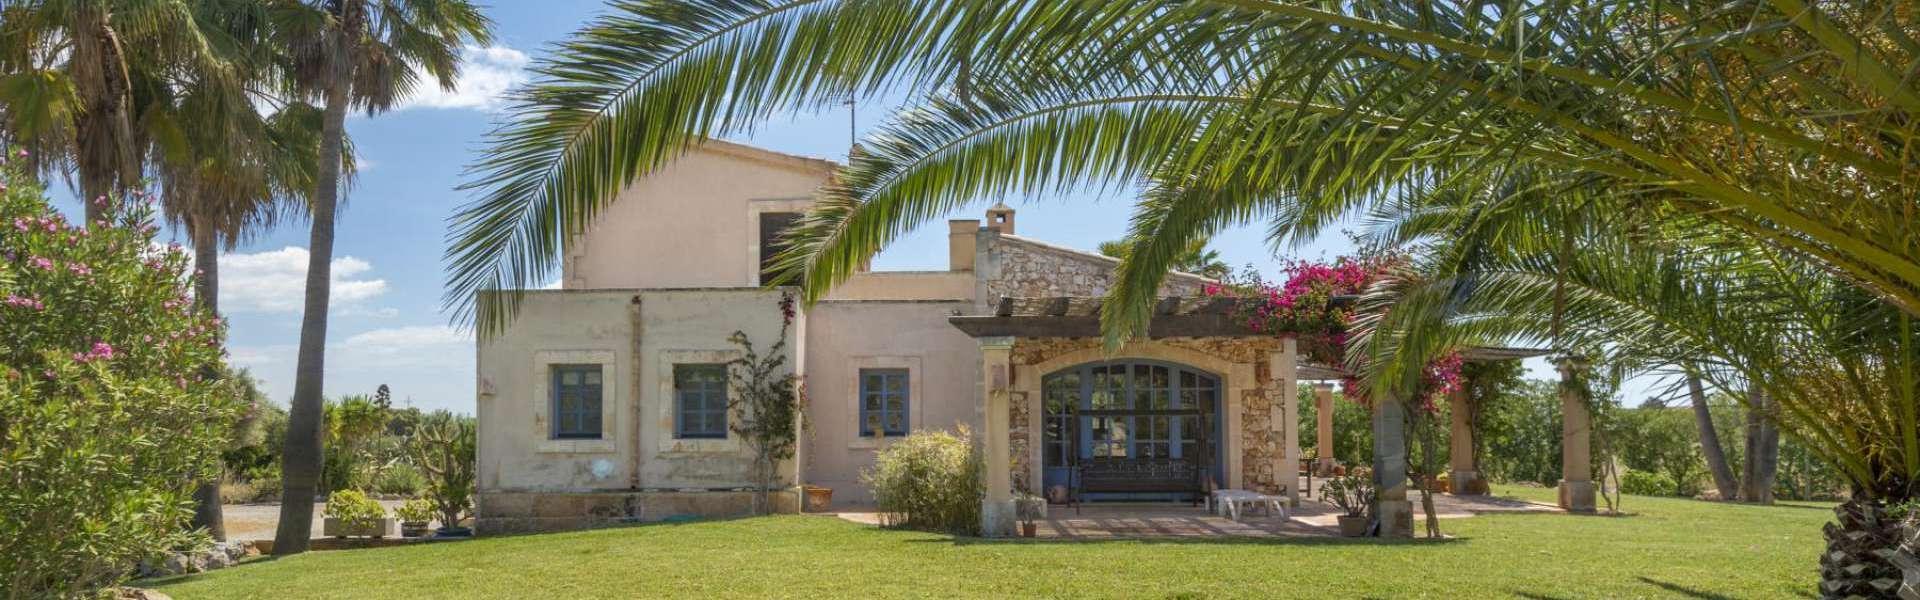 Ses Salines - Finca mit schönem Garten nahe Es Trenc Strand